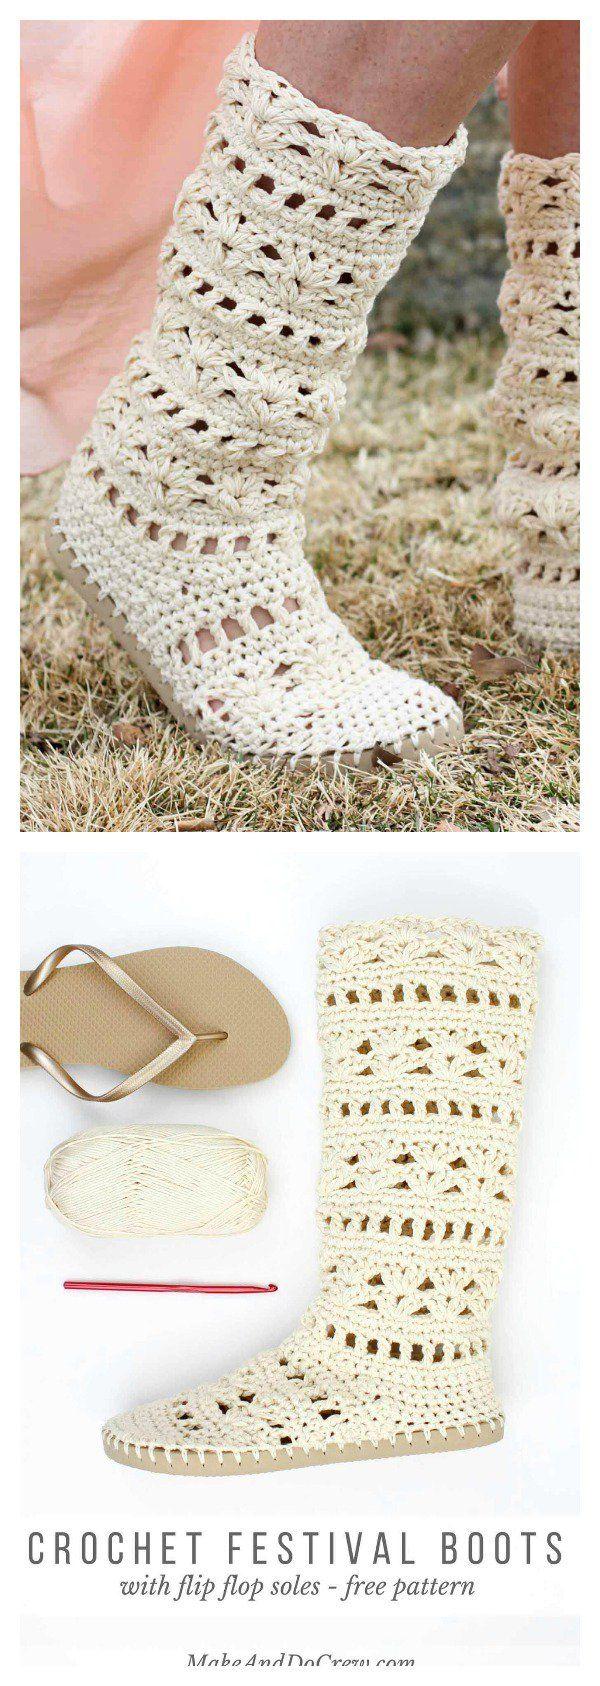 How to Crochet Slippers with Flip Flop Soles   Patrón libre, Botas y ...